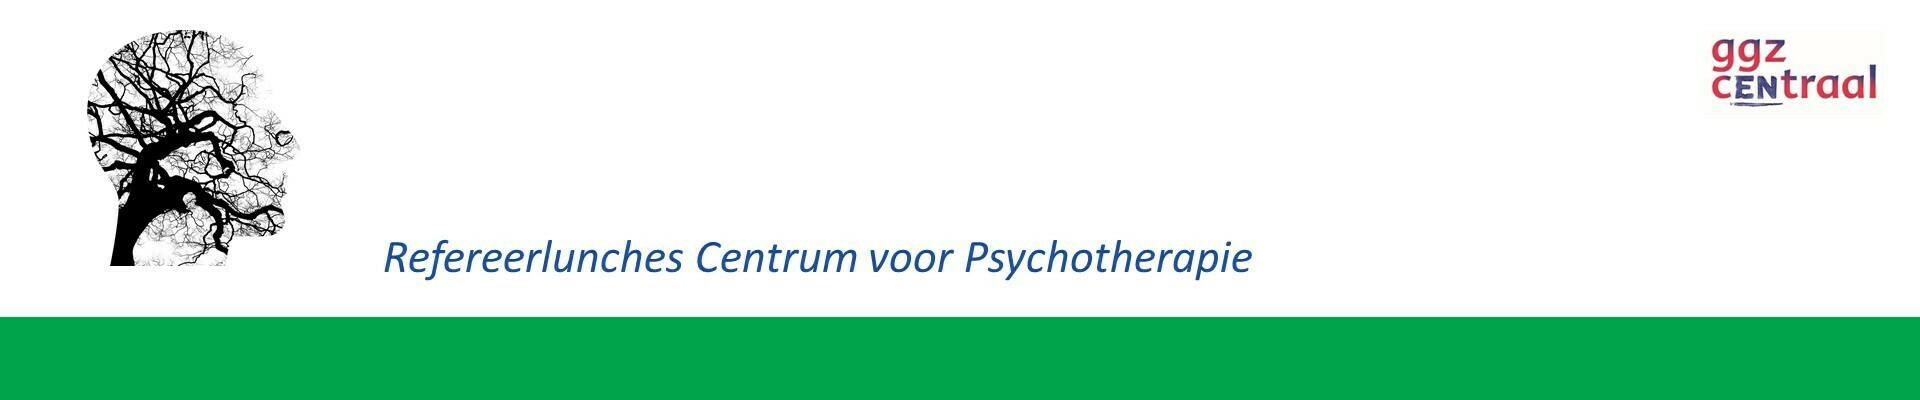 Refereerlunch Centrum voor Psychotherapie 7 juli